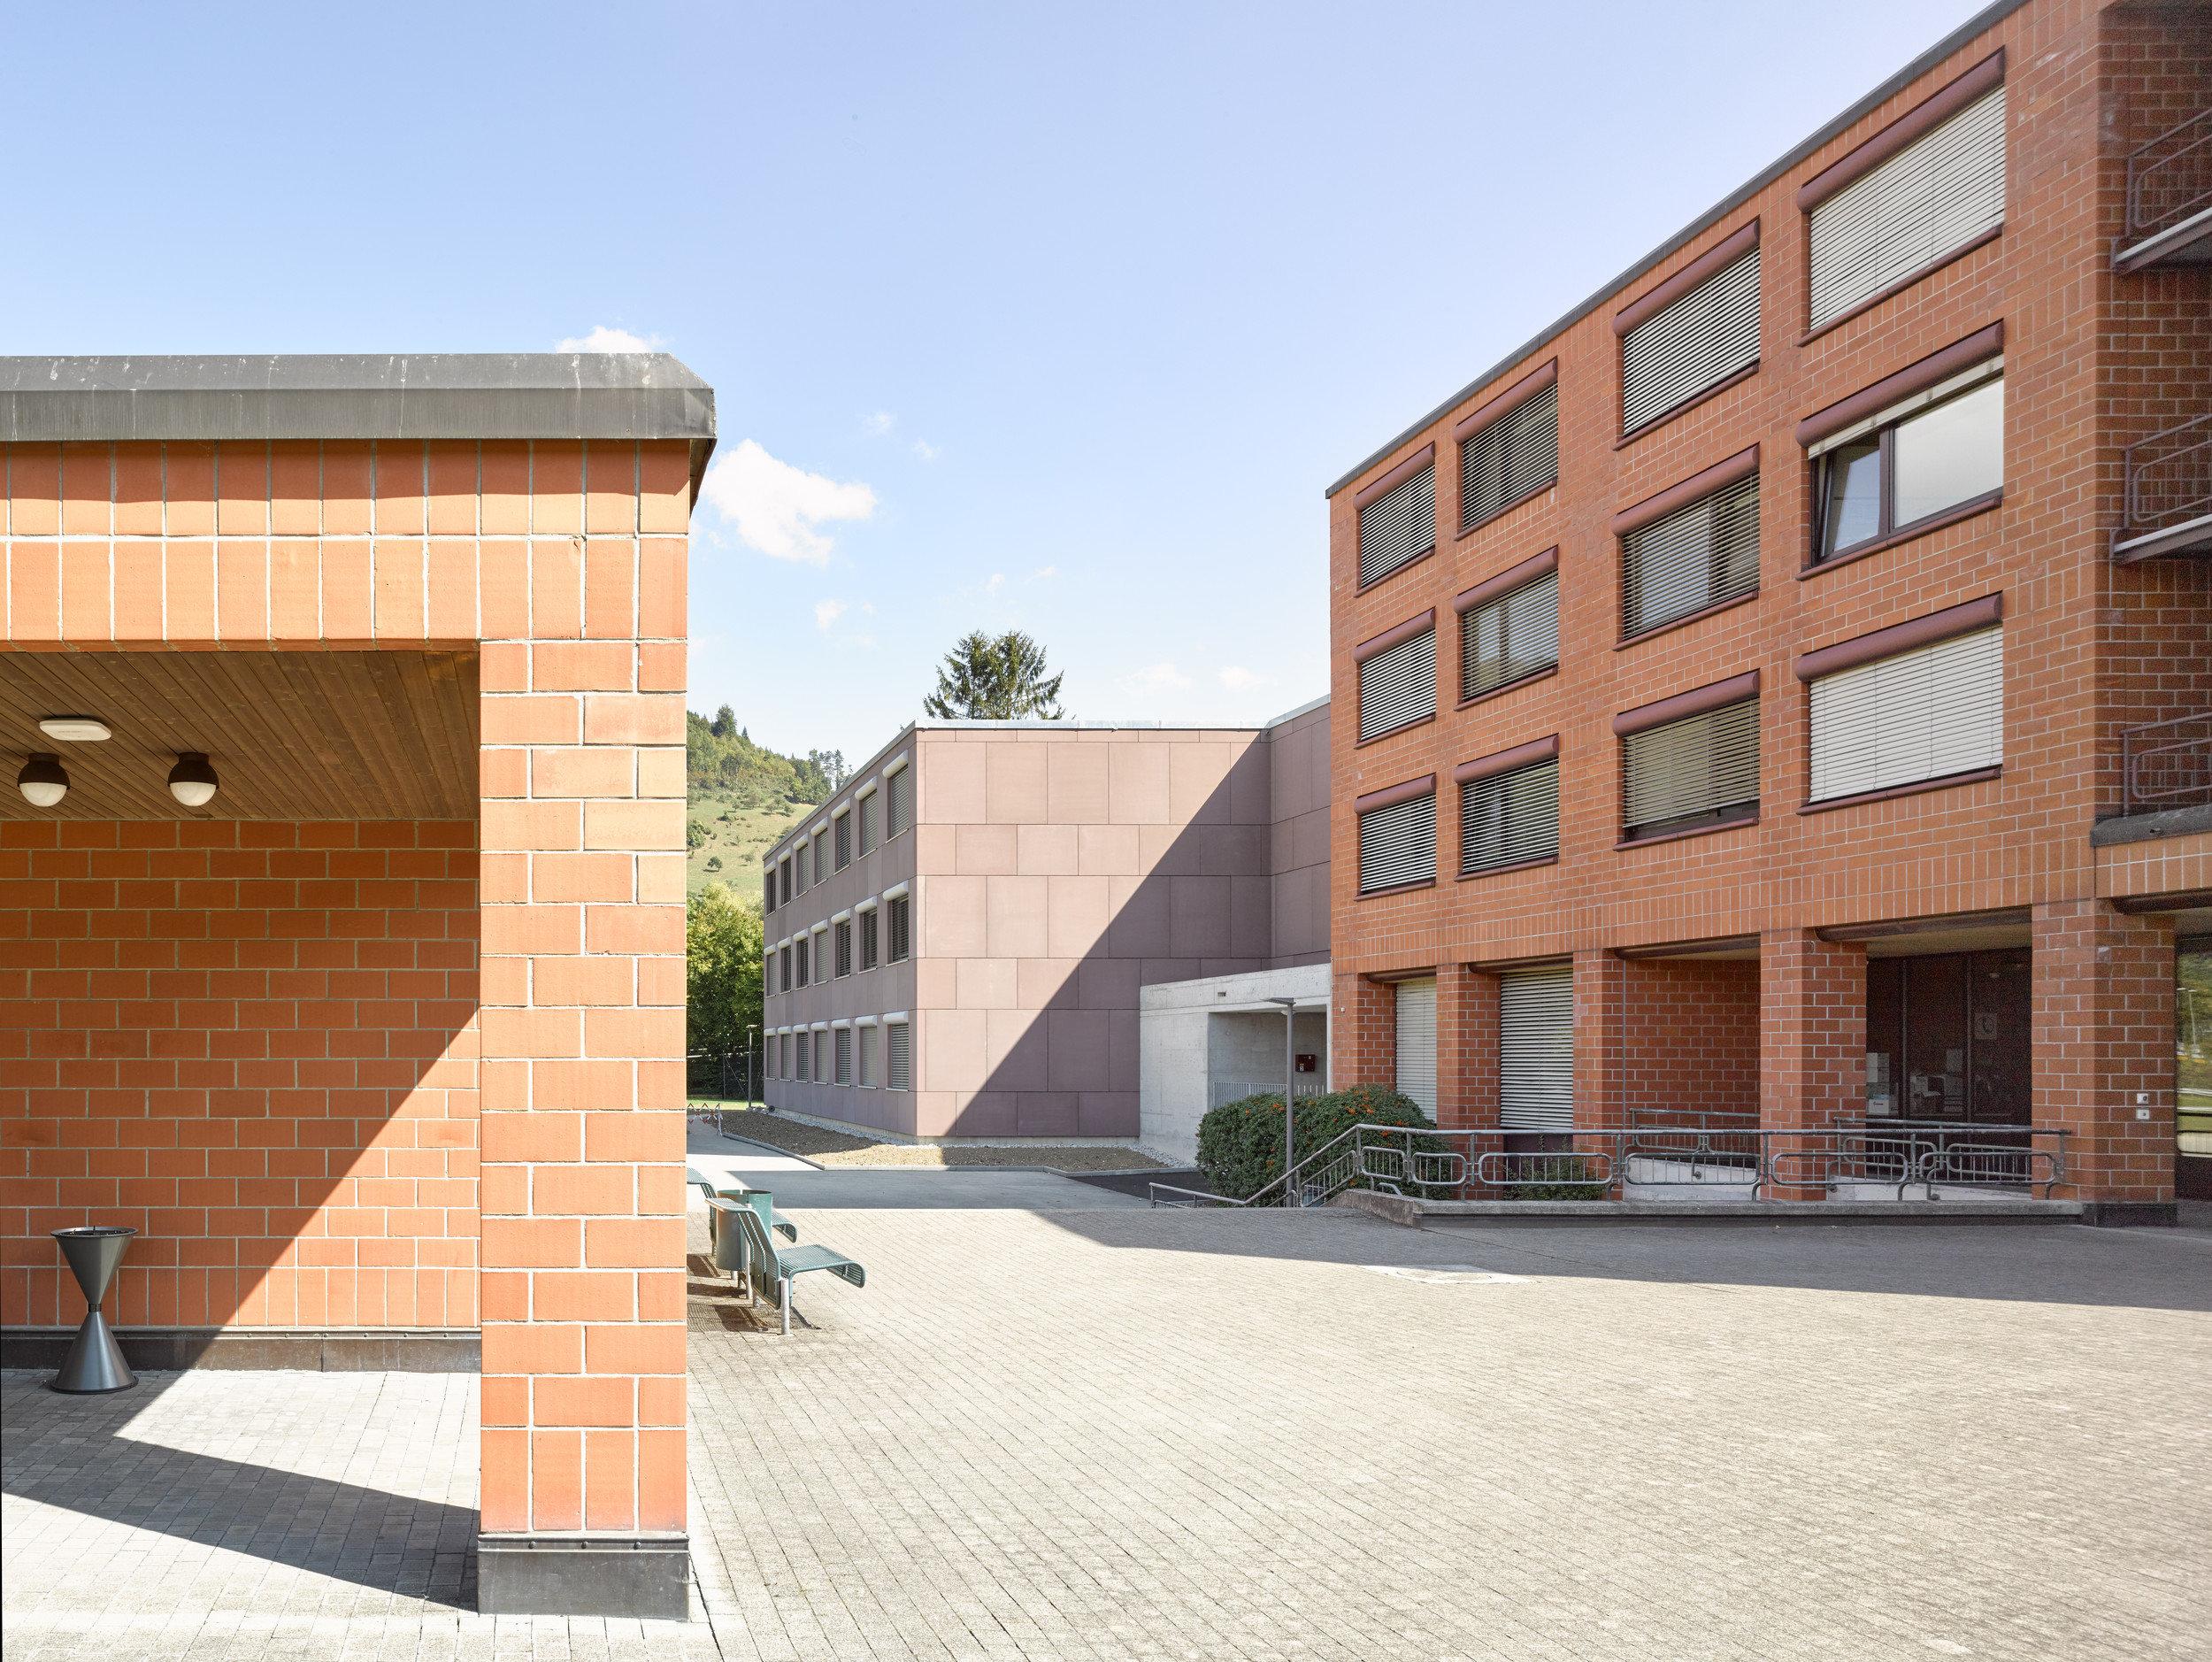 4-geschossiges Gebäude aus Backstein mit grossen Fensterelementen